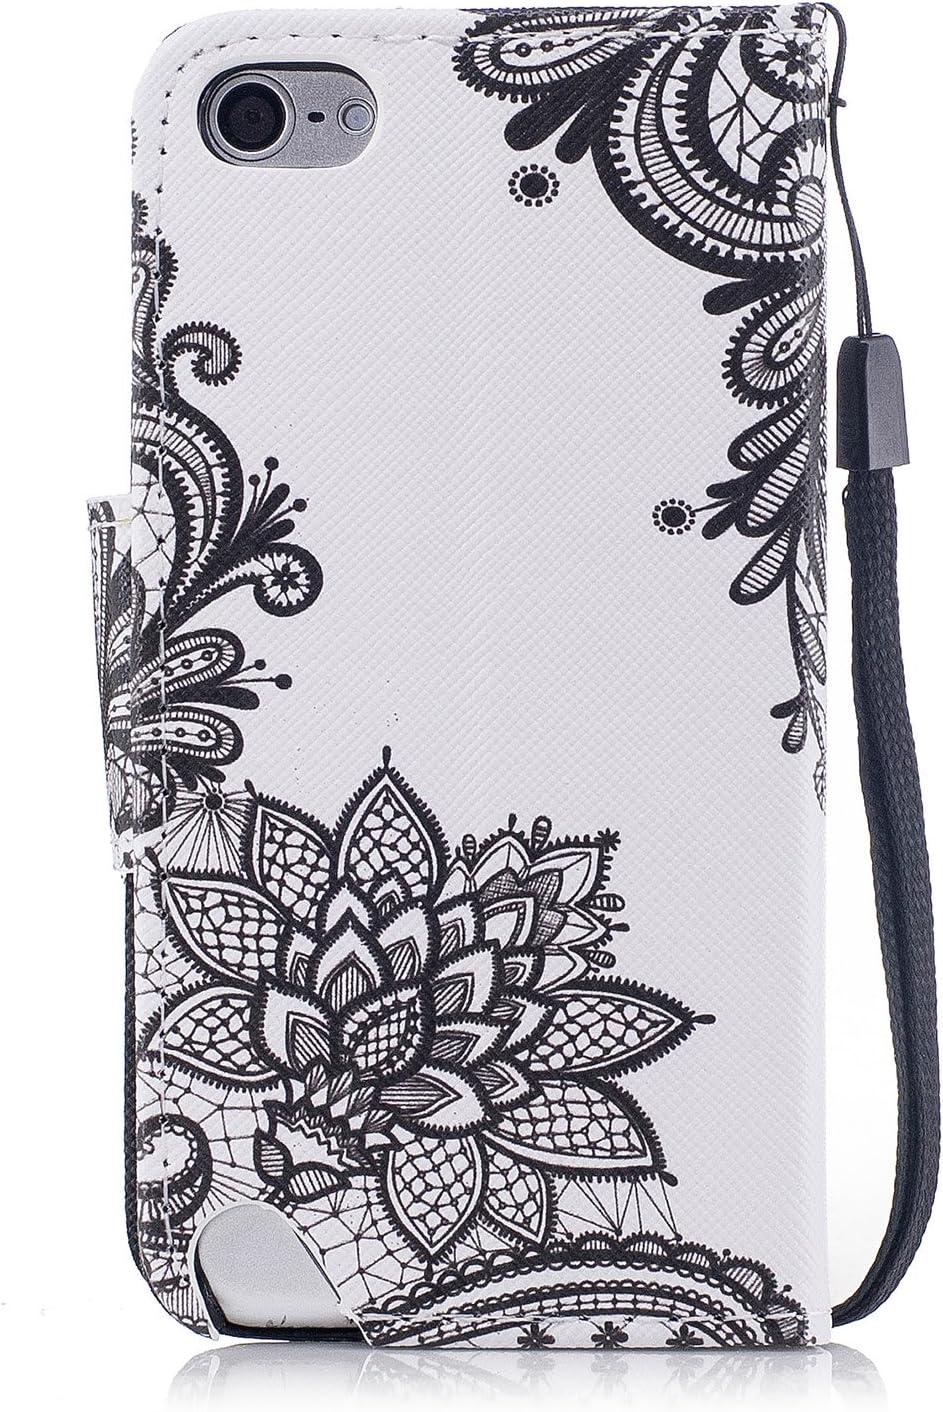 Leder Schutzh/ülle Tasche Klapph/ülle Filp Case mit Magnet Kartenfach Bunt Brieftasche Cover Handytasche f/ür iPod Touch 5//6,Schwarz CTIUYA Handyh/ülle f/ür iPod Touch 5//6 H/ülle